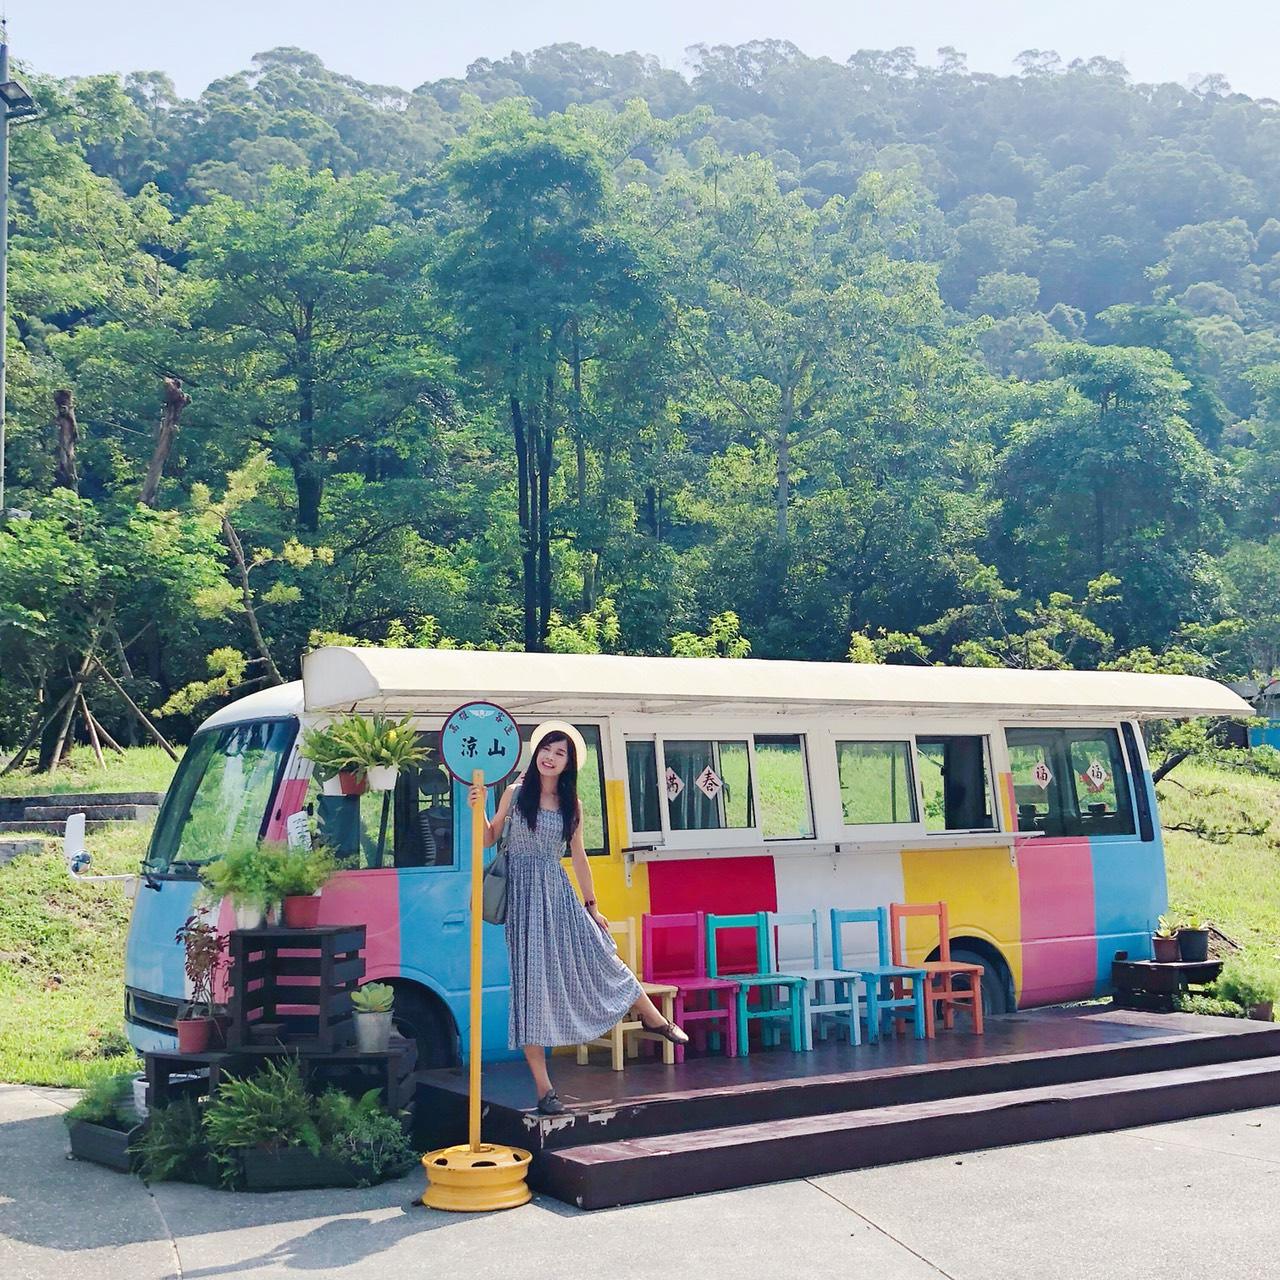 [屏東景點推薦]涼山瀑布-夢幻彩虹巴士、愛心隧道、萌萌哈比人屋~一路拍去賞瀑布 @美食好芃友